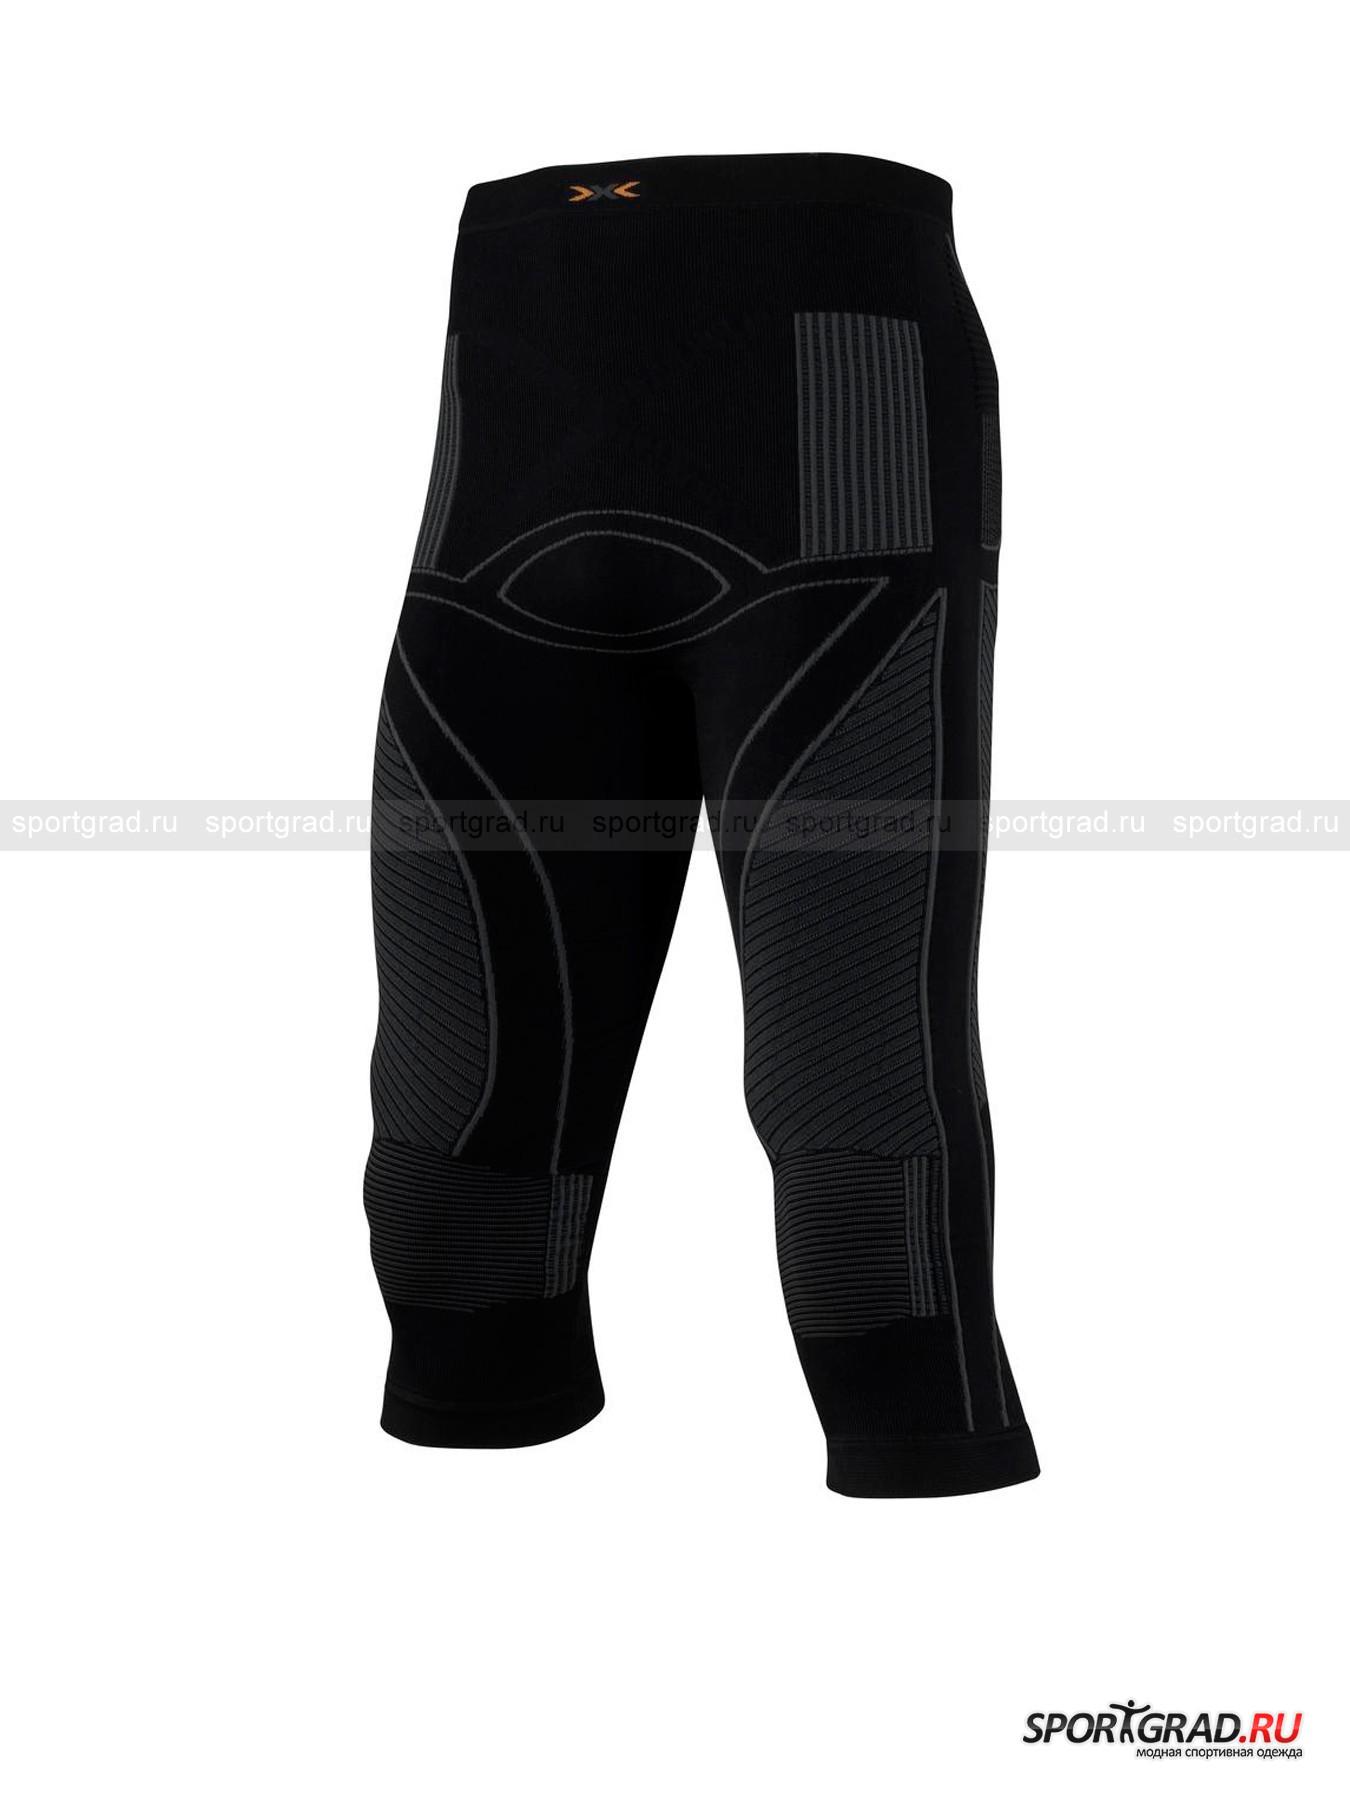 Белье: термобриджи мужские Pants Med Acum X-BIONIC для занятий спортом